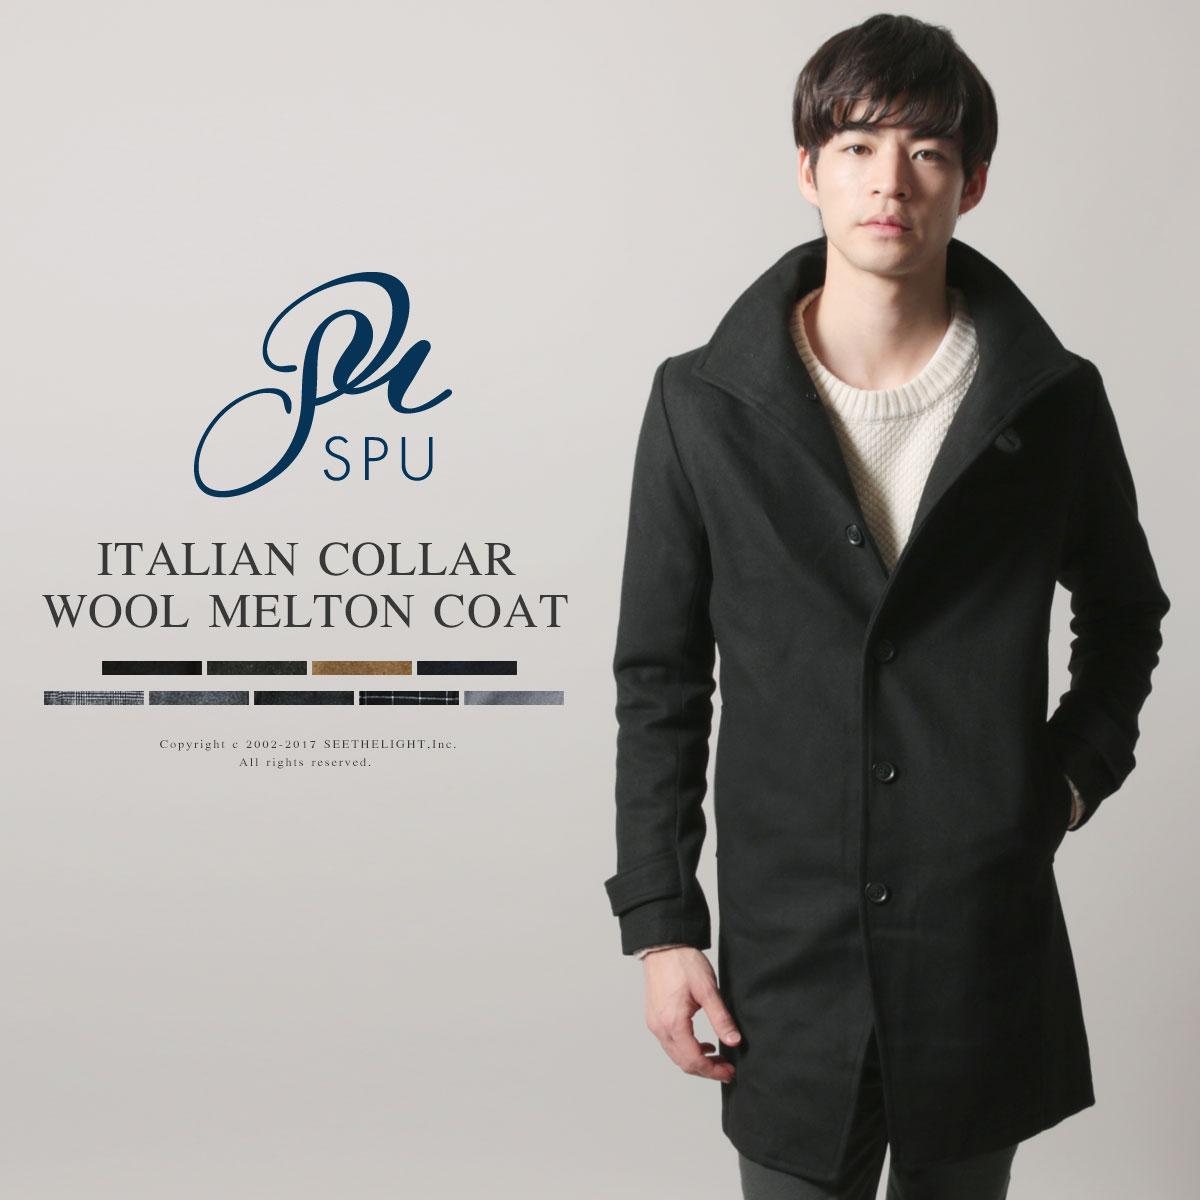 【セール対象】アウター メンズ コート ウール混 メルトン ツイード イタリアンカラー ロング コート 秋 冬 メンズファッション SPU スプ